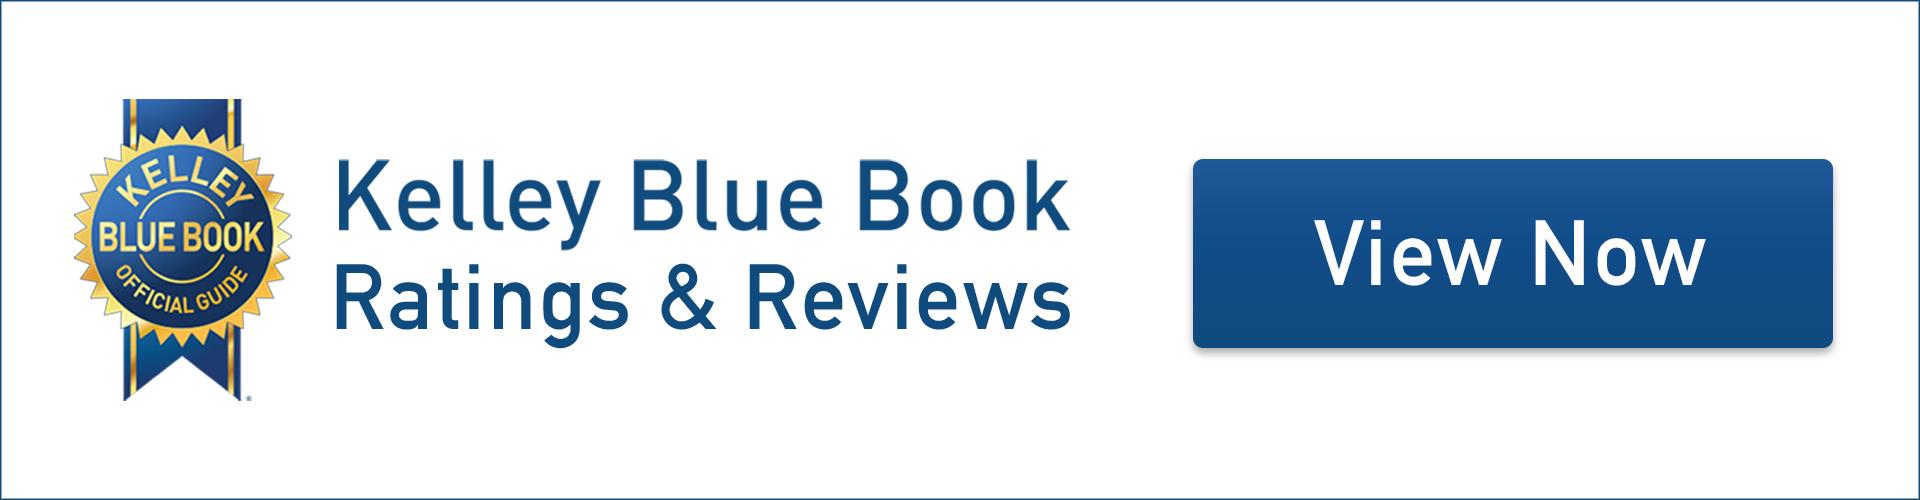 KBB Ratings & Reviews